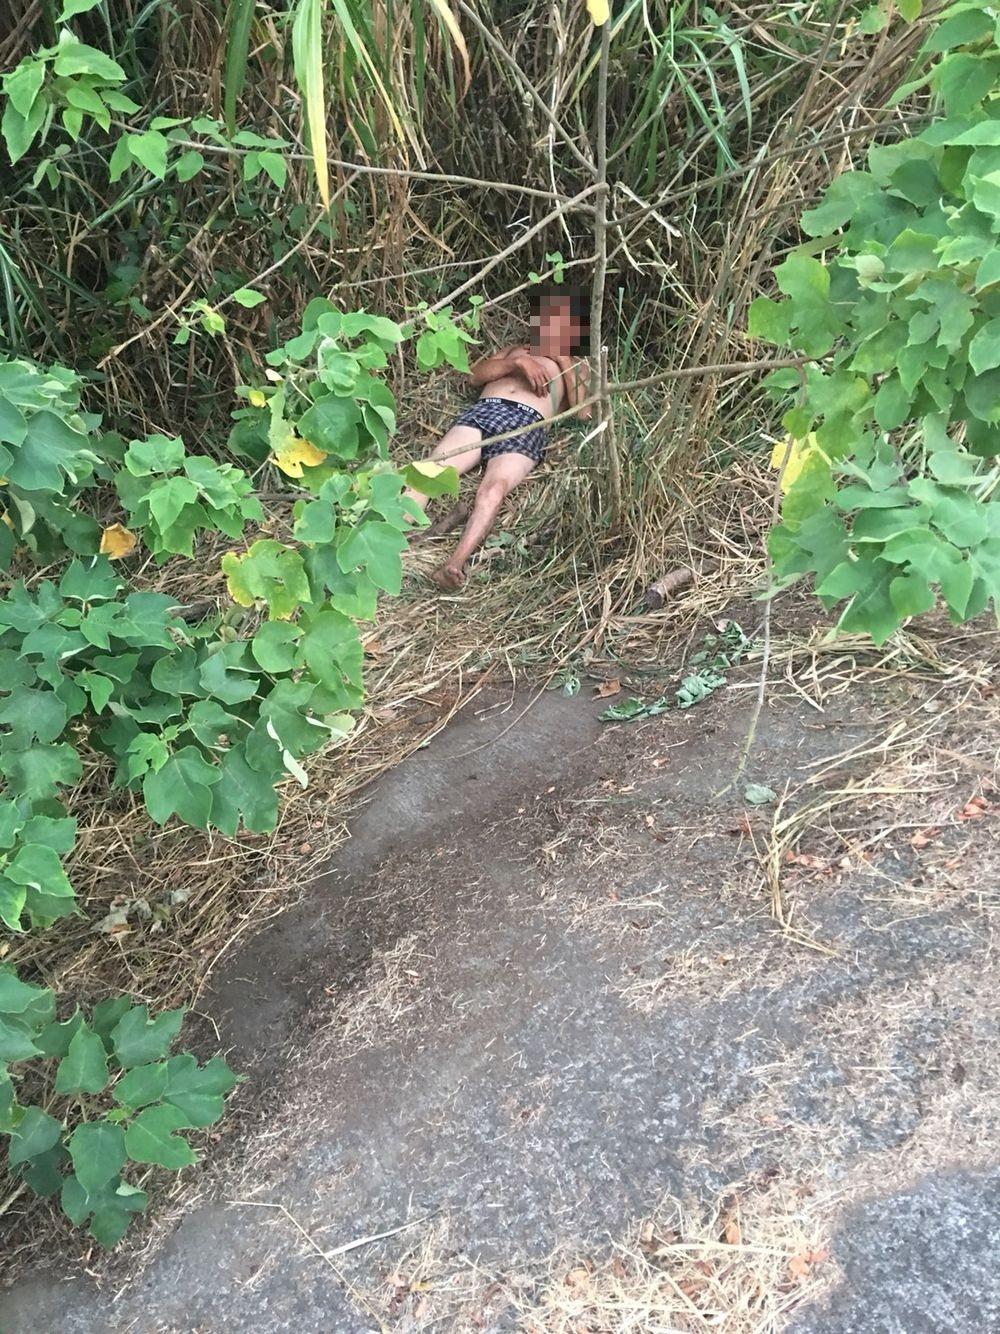 民眾在秀林堤防草叢驚見男子赤裸躺臥,懷疑是棄屍急忙報案。記者謝恩得/翻攝